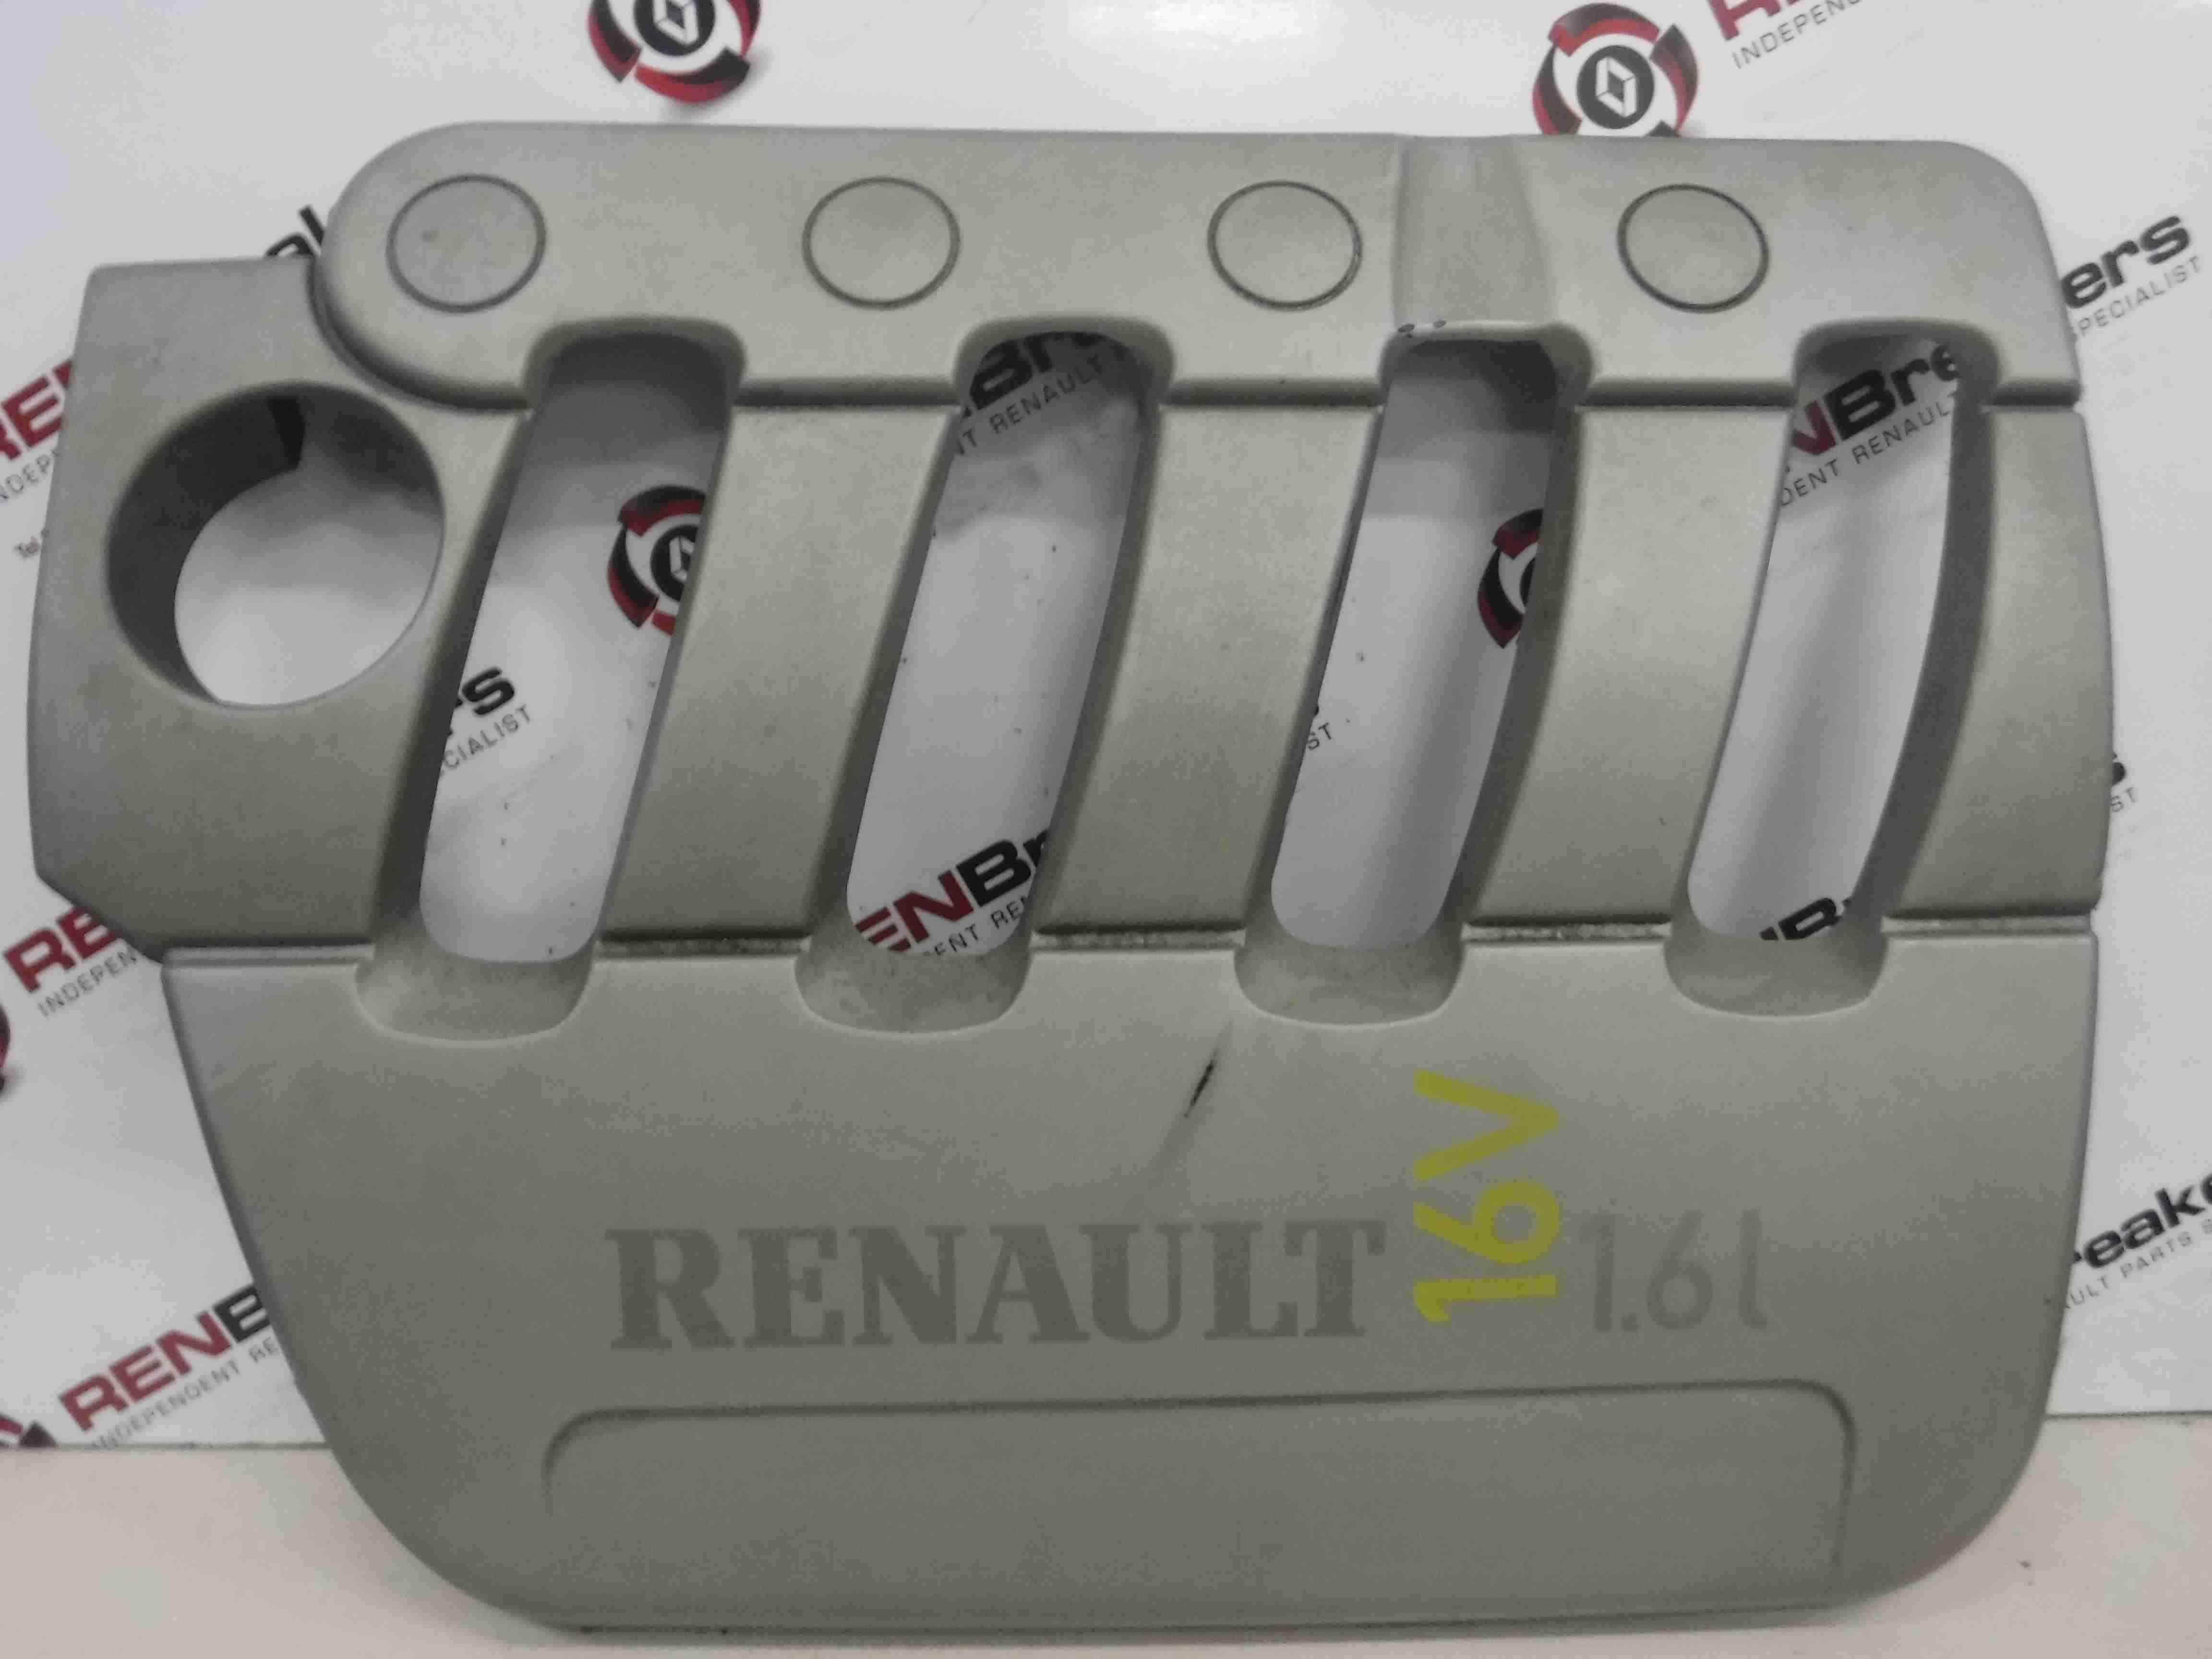 Renault Megane Scenic 1999-2003 1.6 16v Engine Plastic Cover